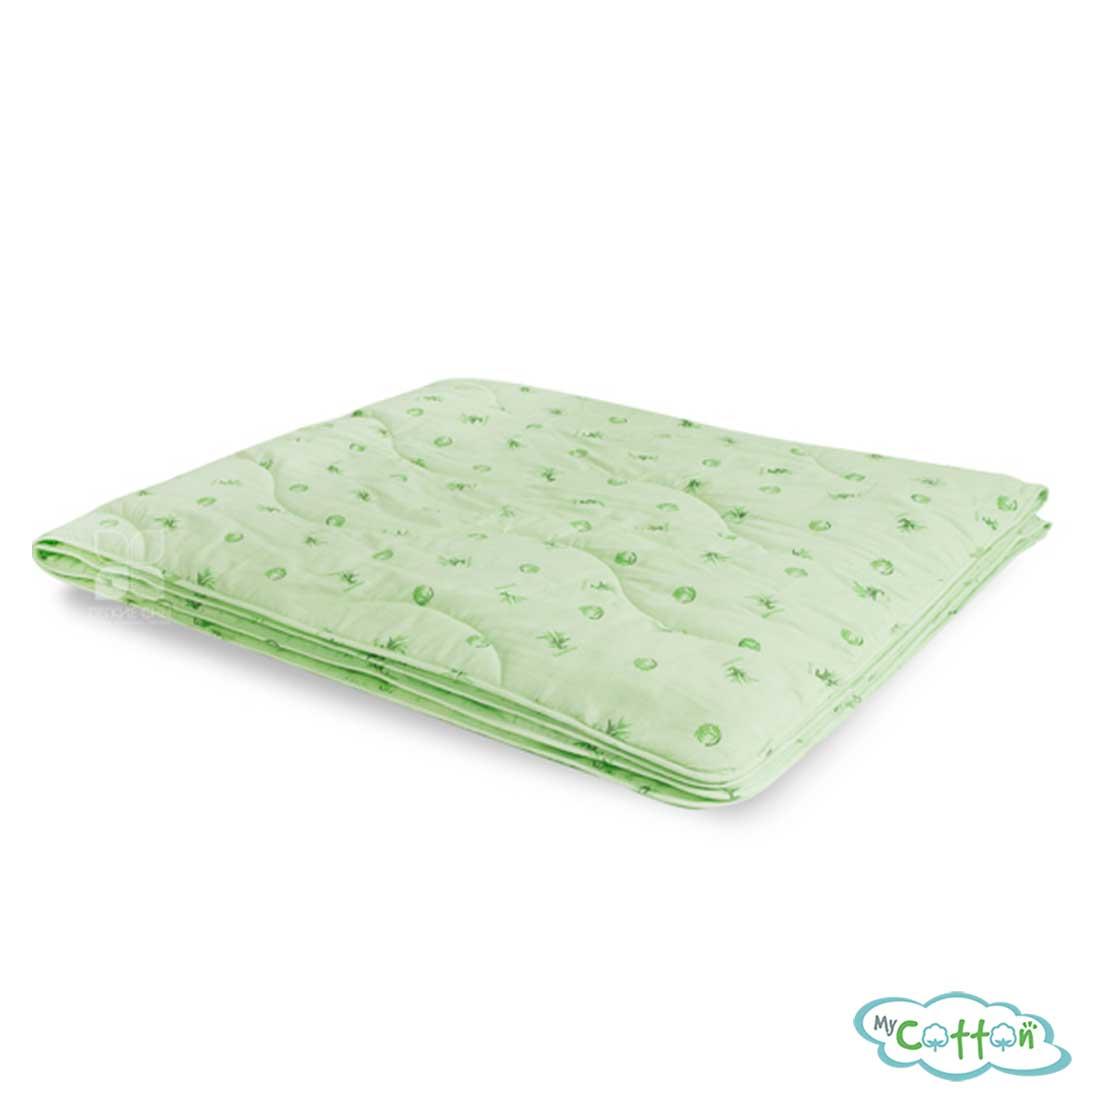 """Десткое одеяло стеганое """"Бамбук"""" от компании Легкие сны, легкое"""